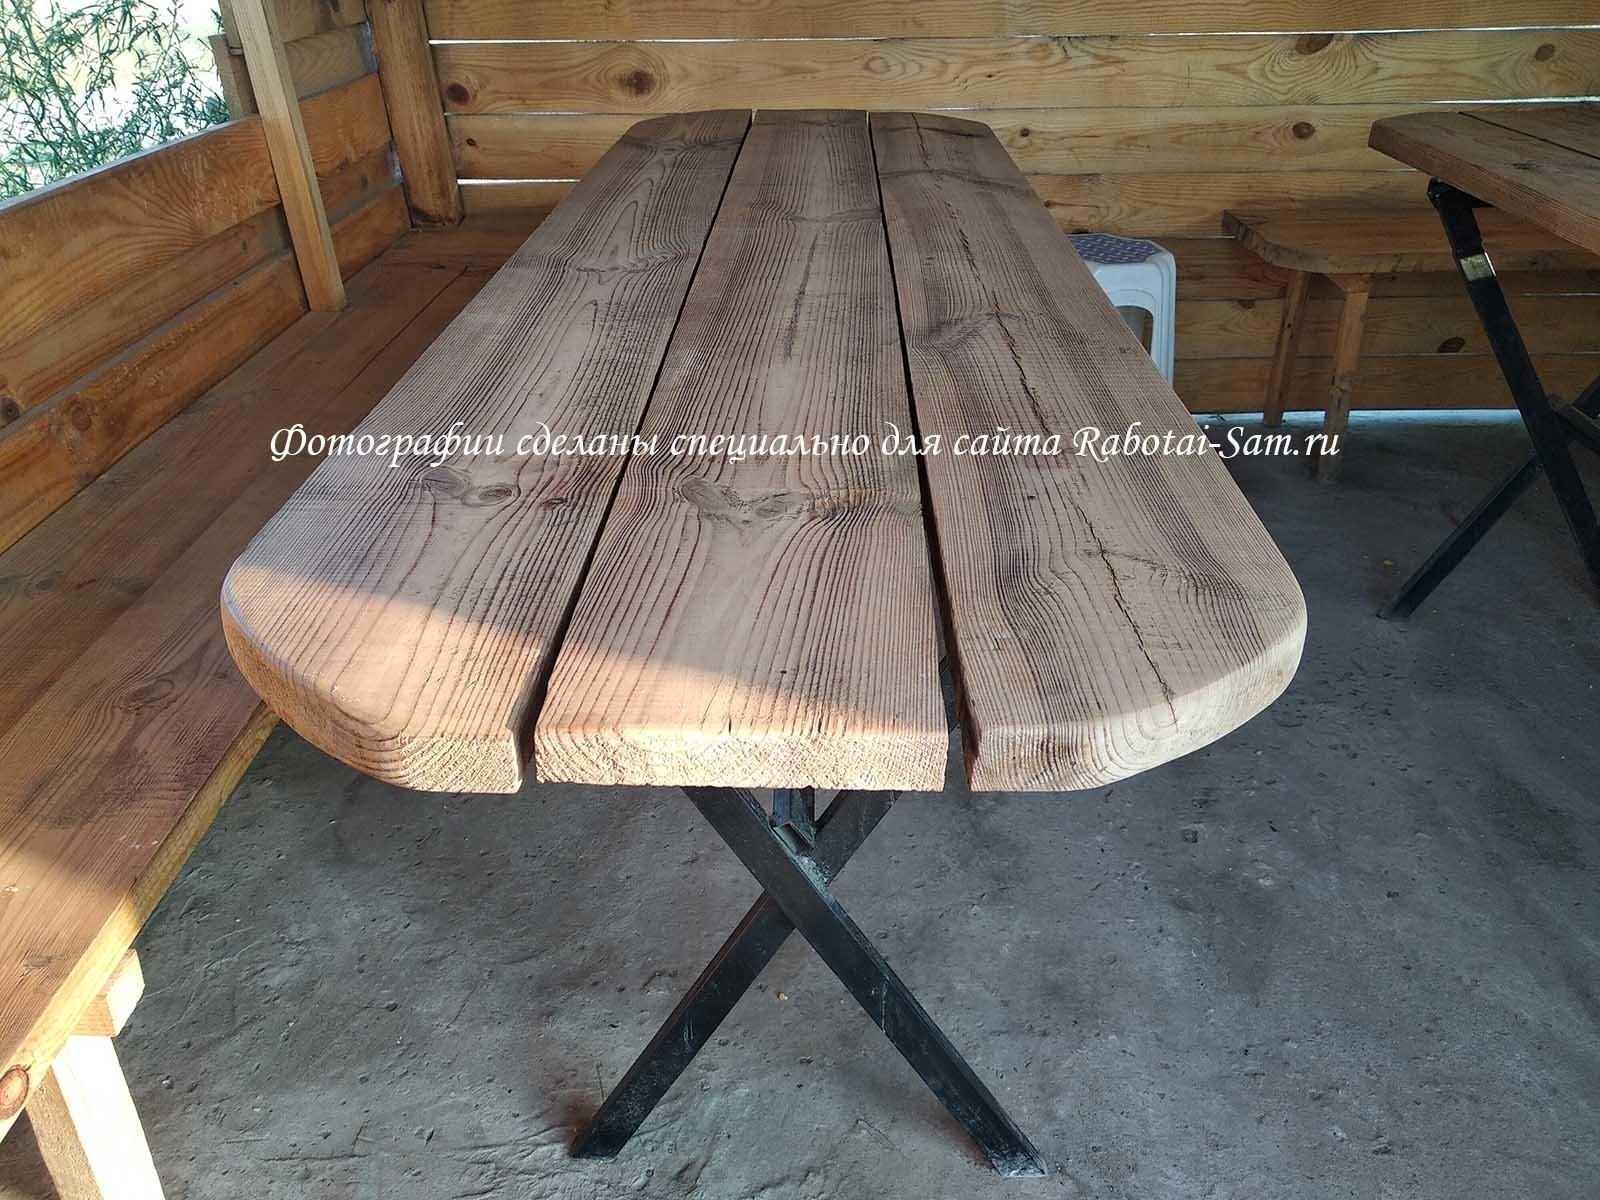 Столешница для деревянного стола